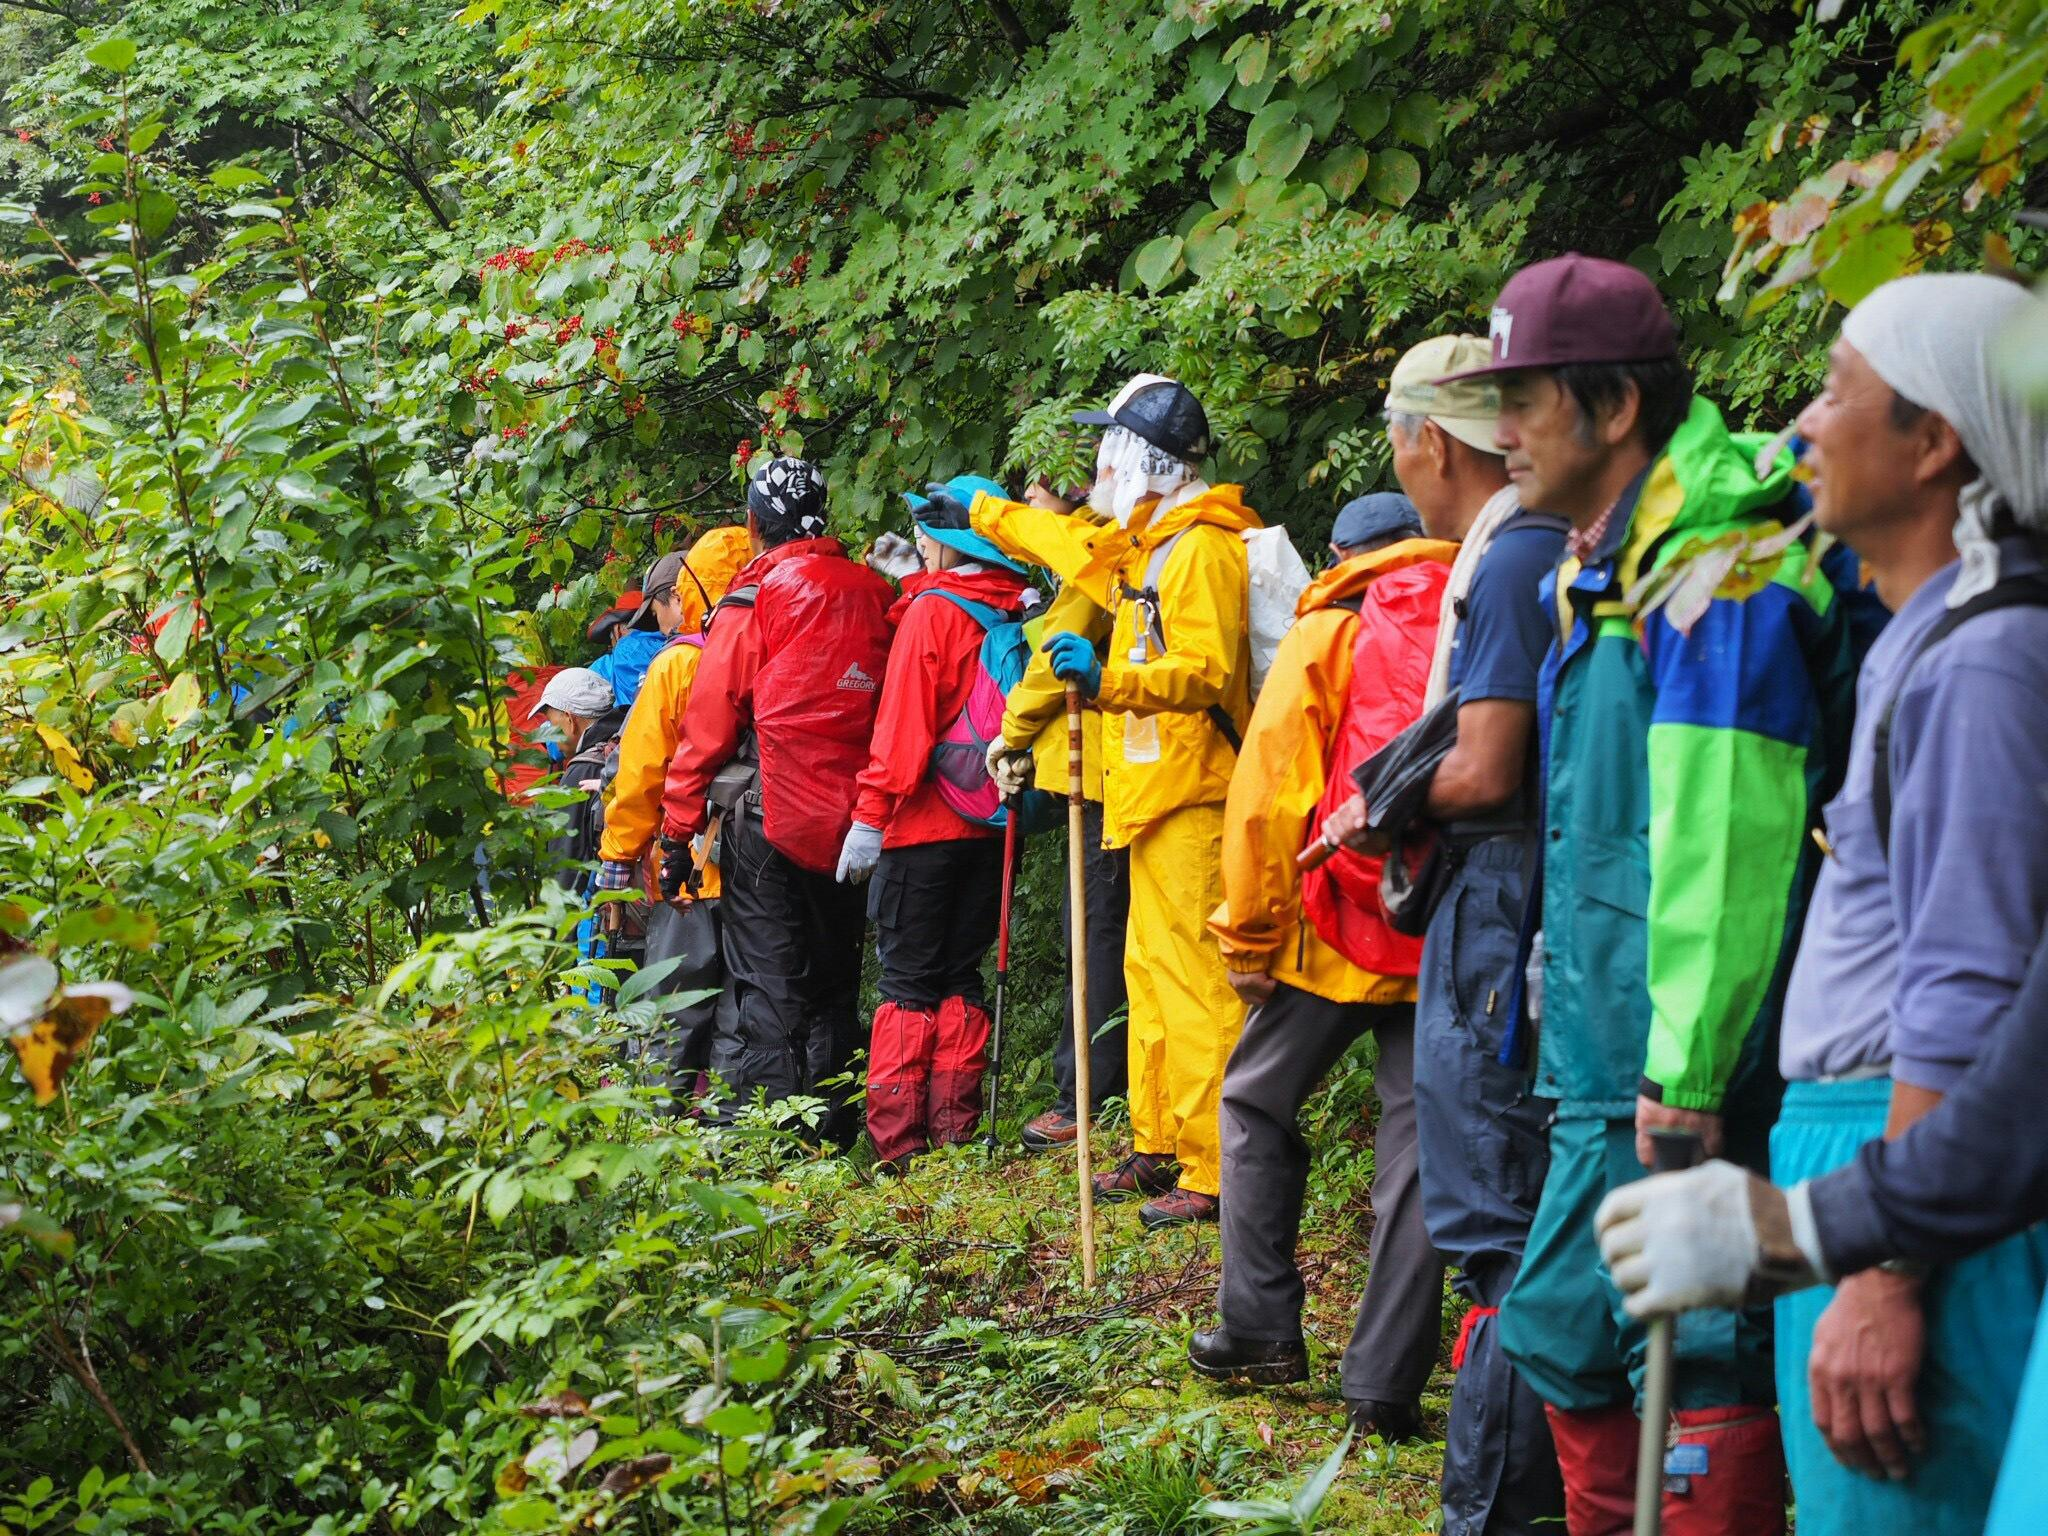 『新緑と残雪の葉山民衆登山』参加者を募集します。